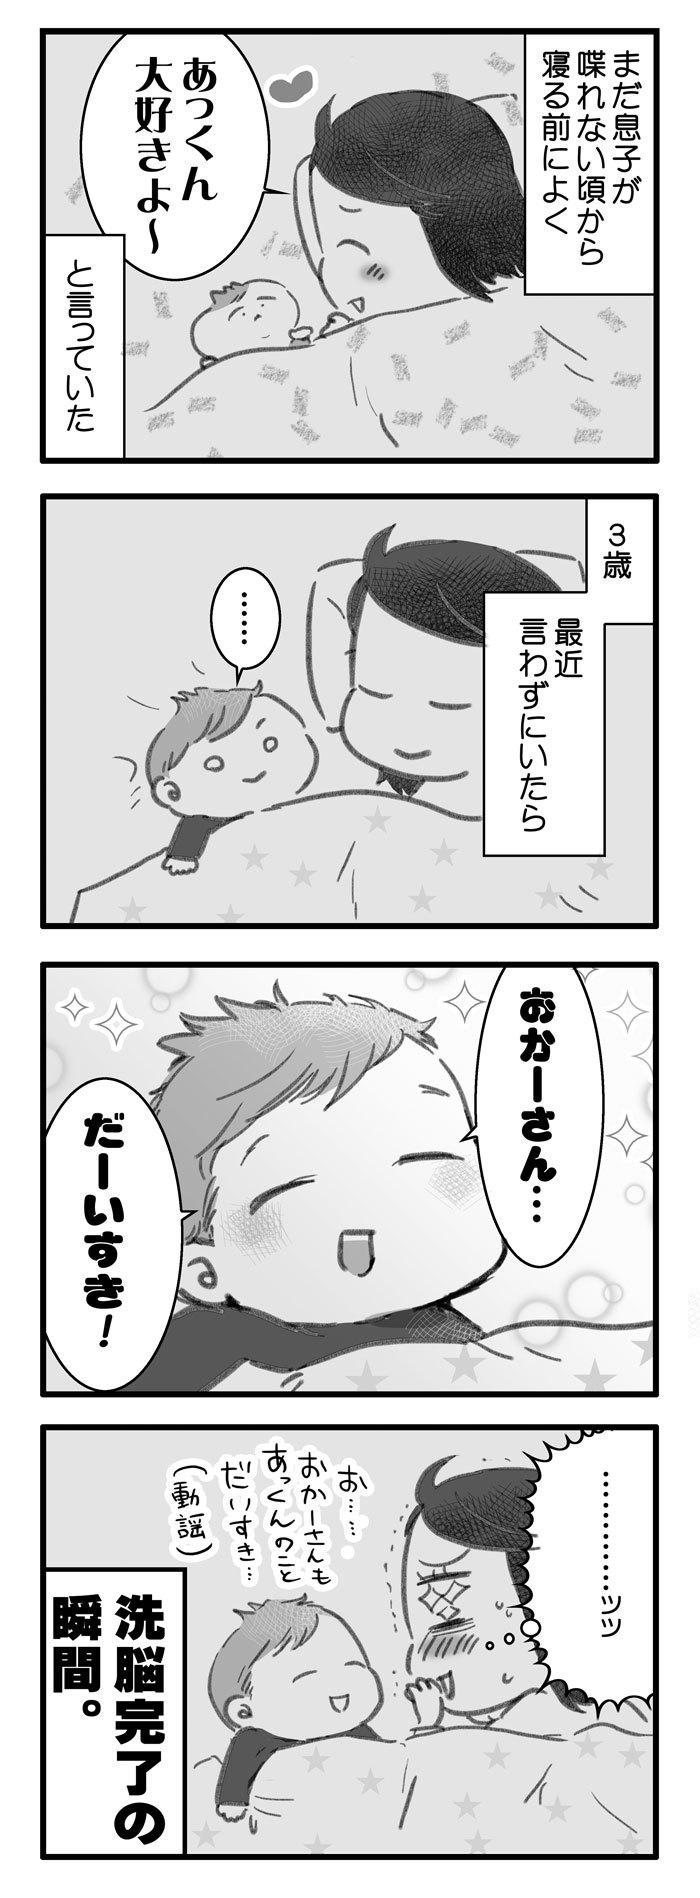 寝る前にママの体に触れたい息子。おっぱい→耳たぶ→これってまさか…!?の画像2